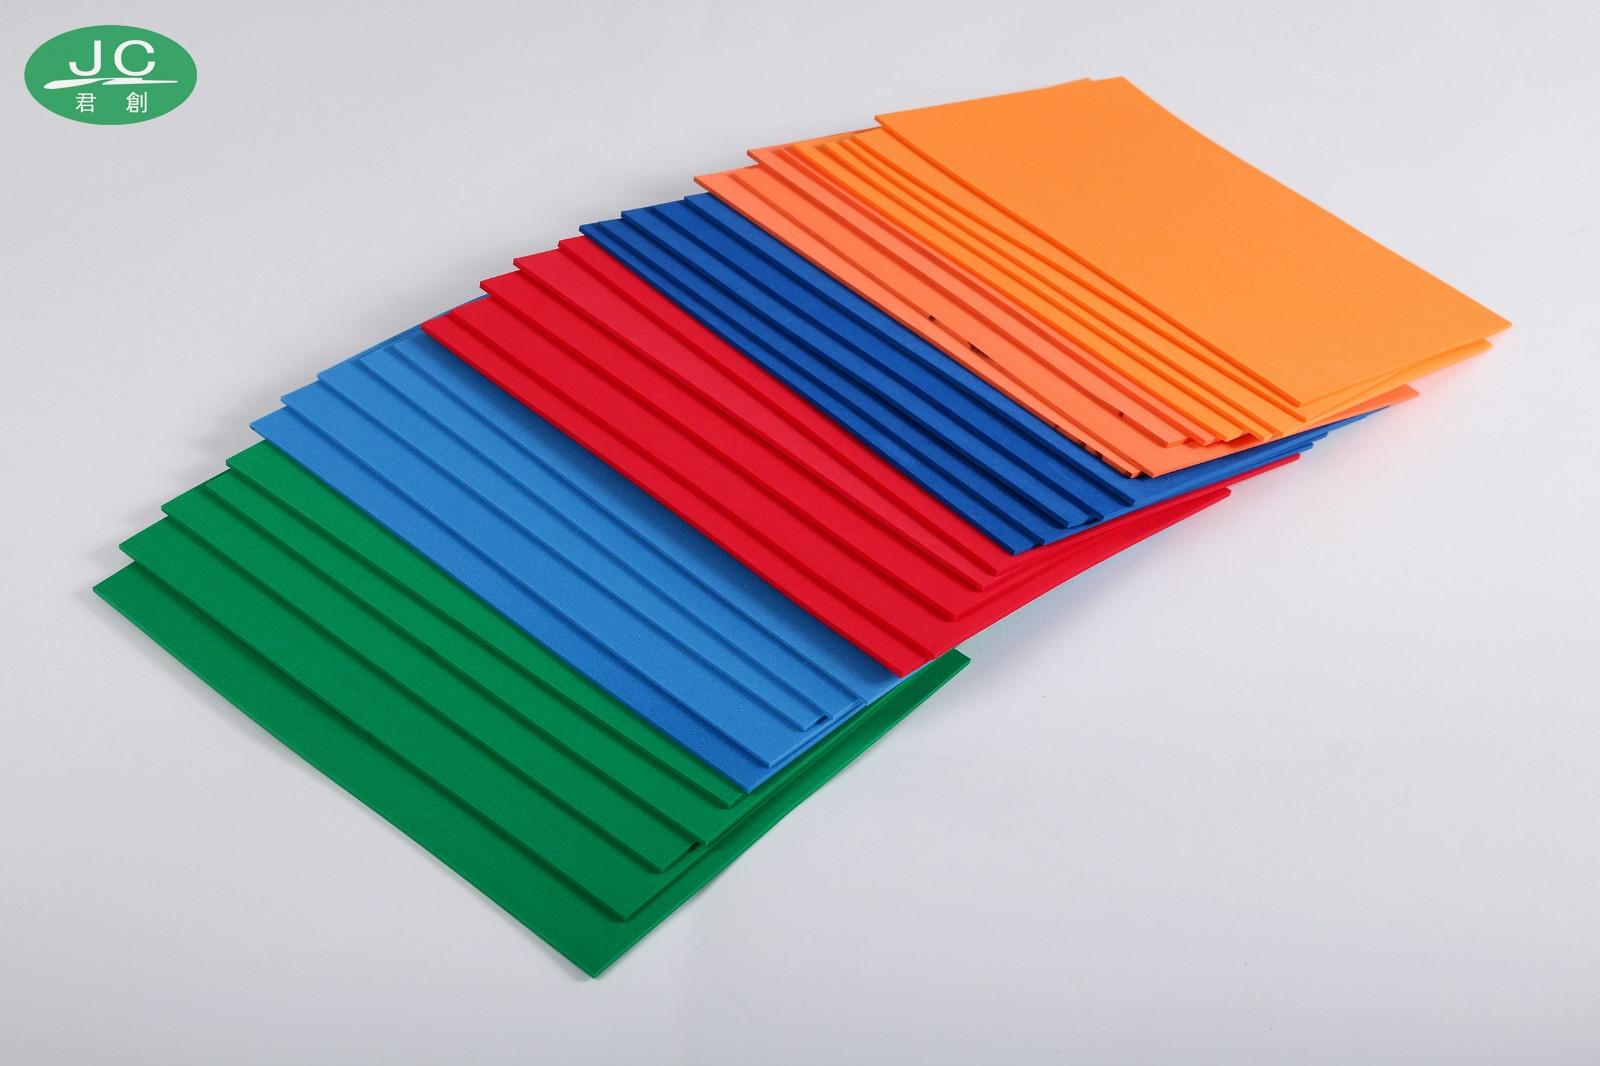 彩色垫刀泡棉弹垫